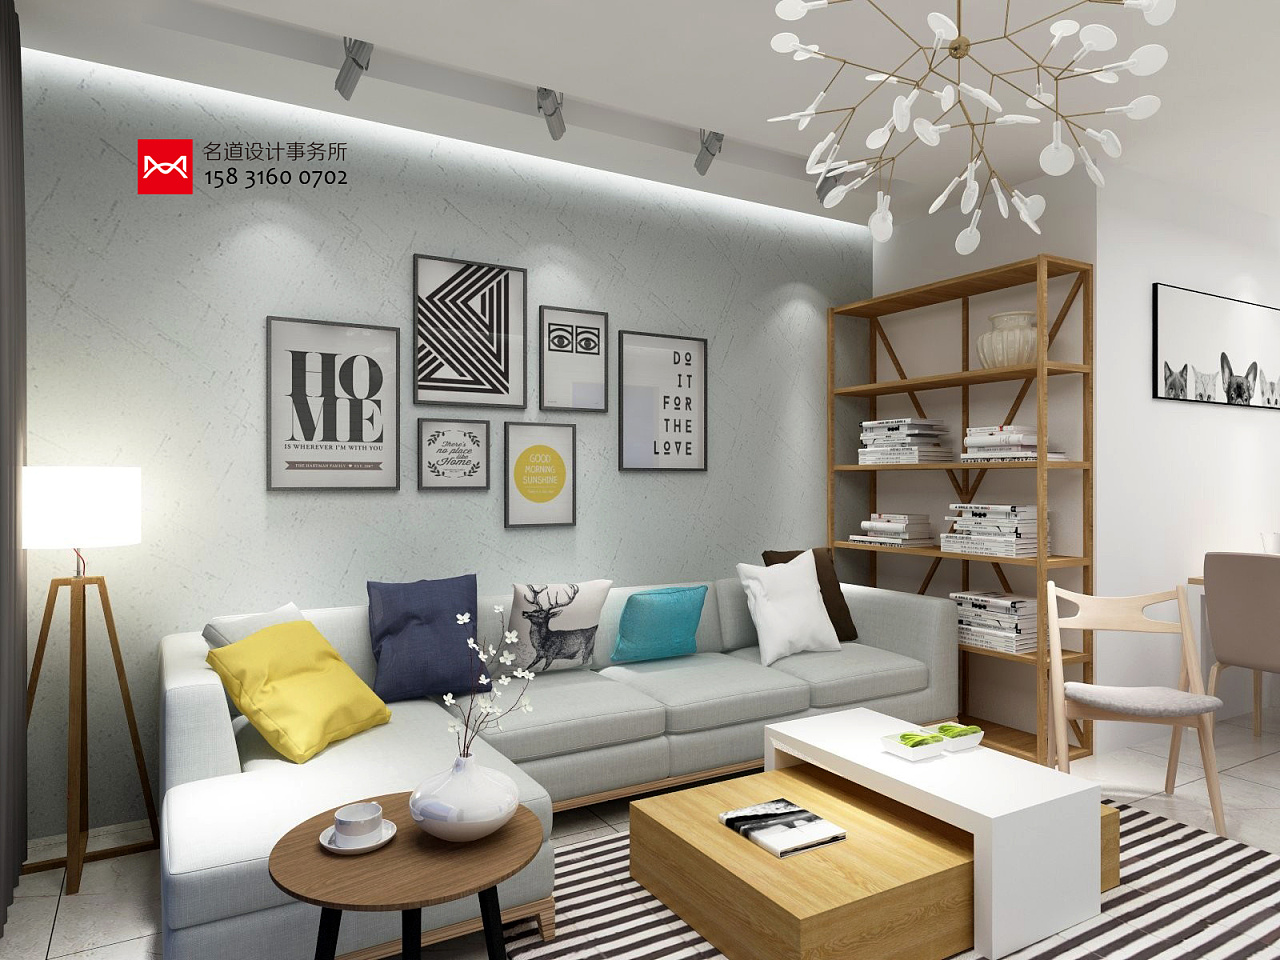 最新室内设计名言三室两厅两卫110平米廊坊文安御龙案例设计师装修设计家园图片